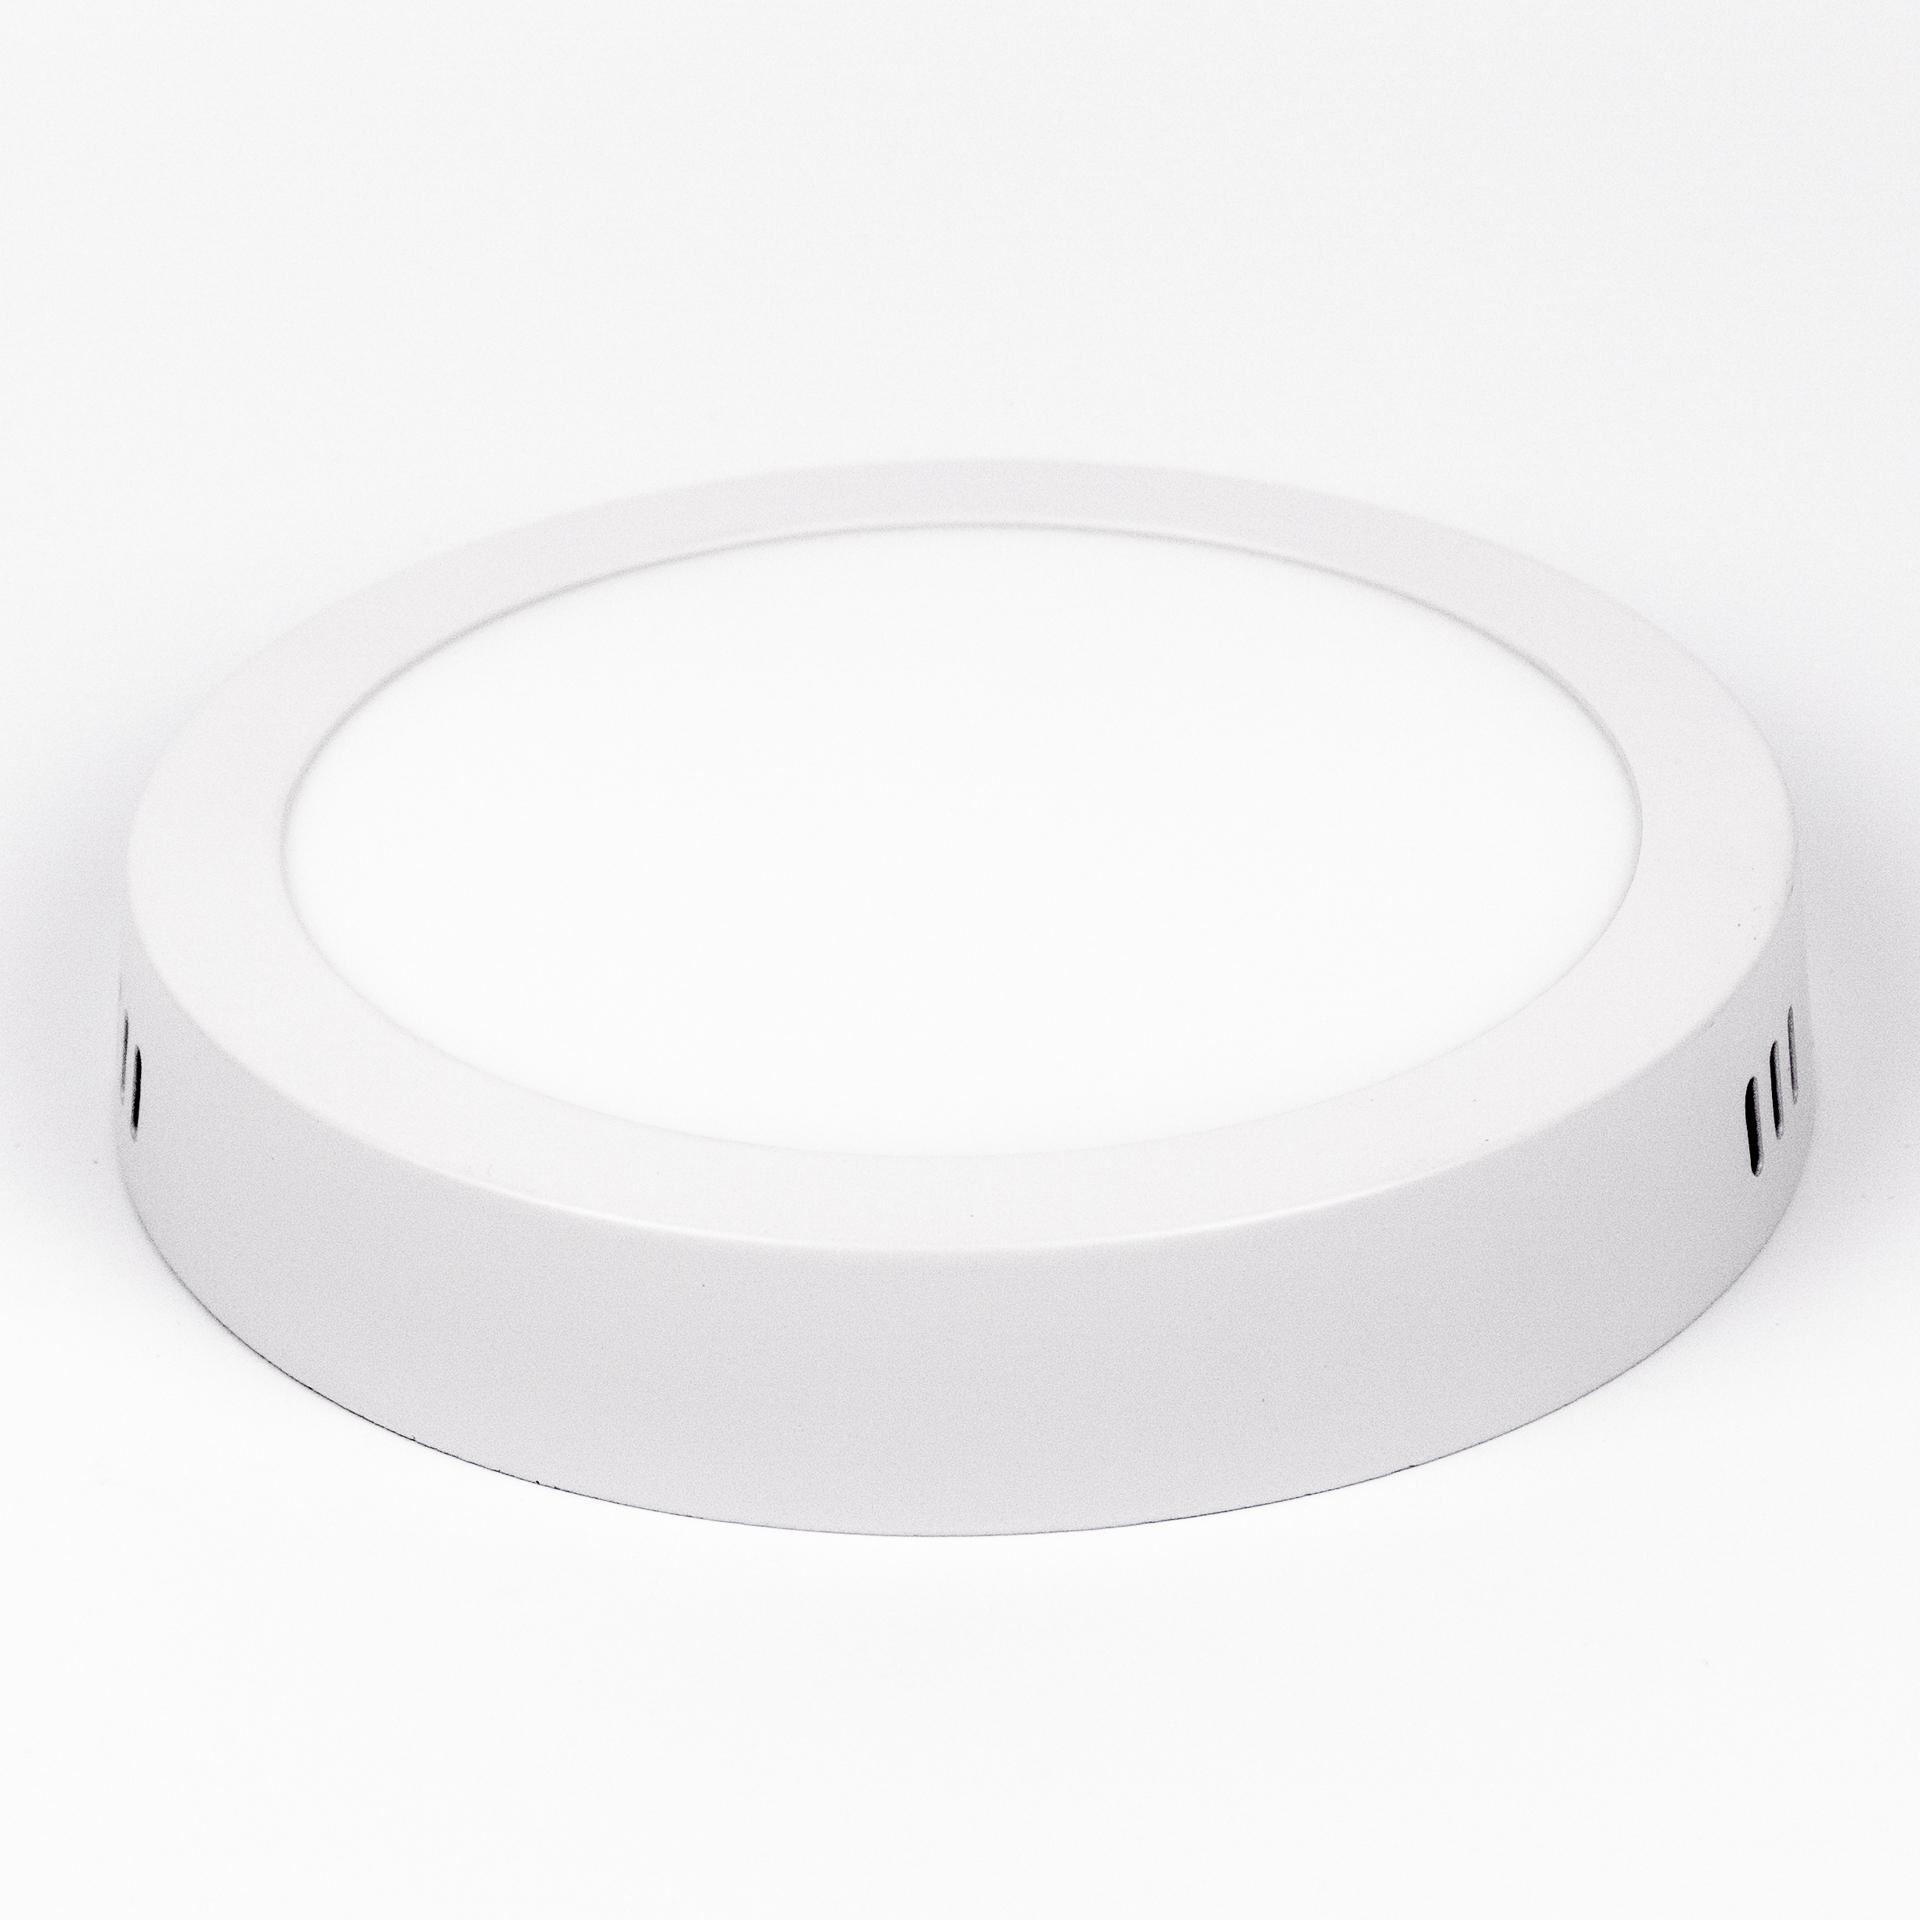 LED Panel Falon Kívüli 12W Kör Meleg Fehér